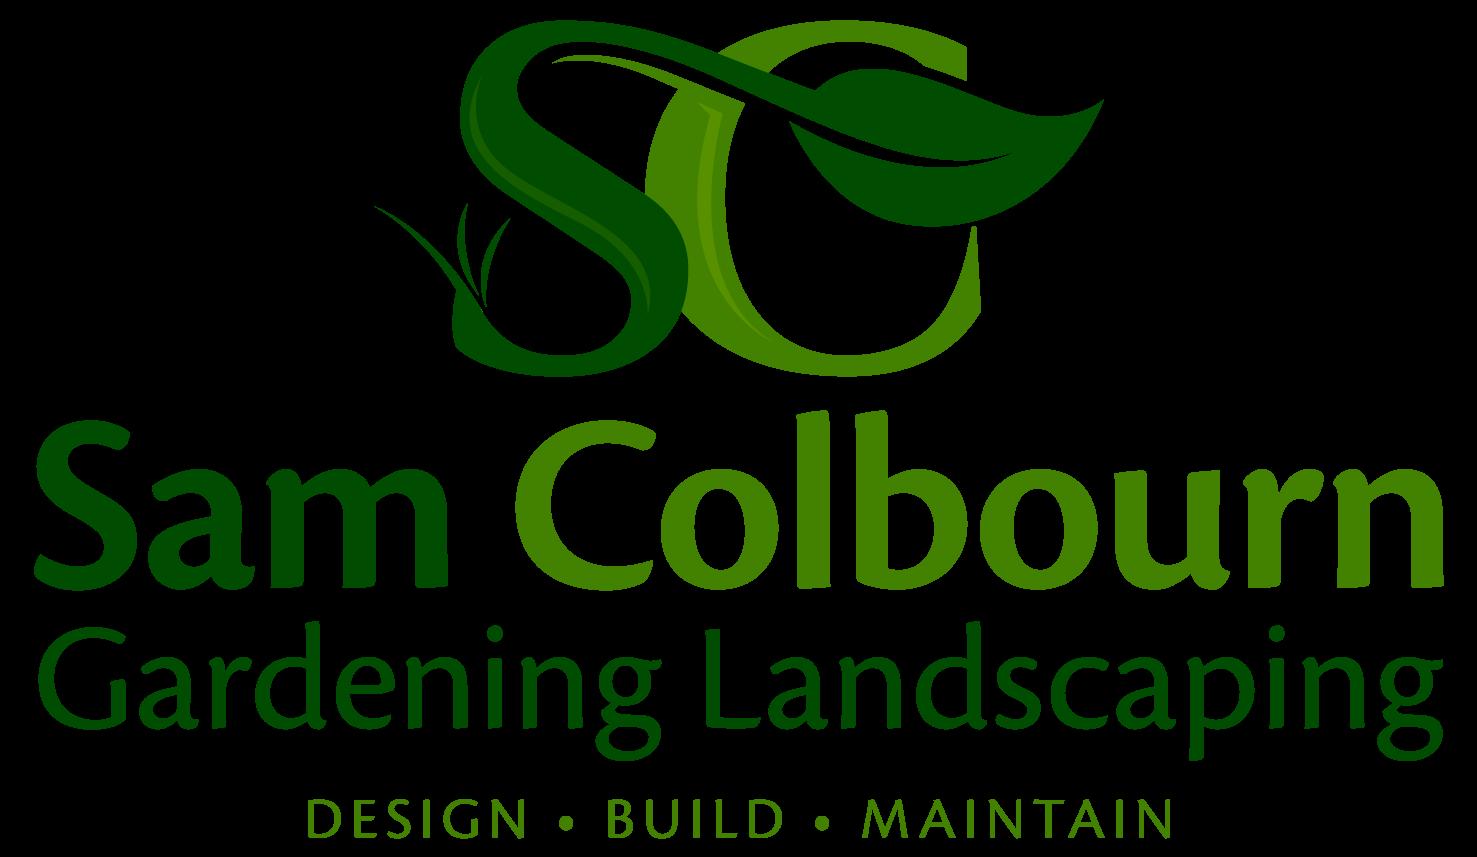 Garden Landscaping in Radstock